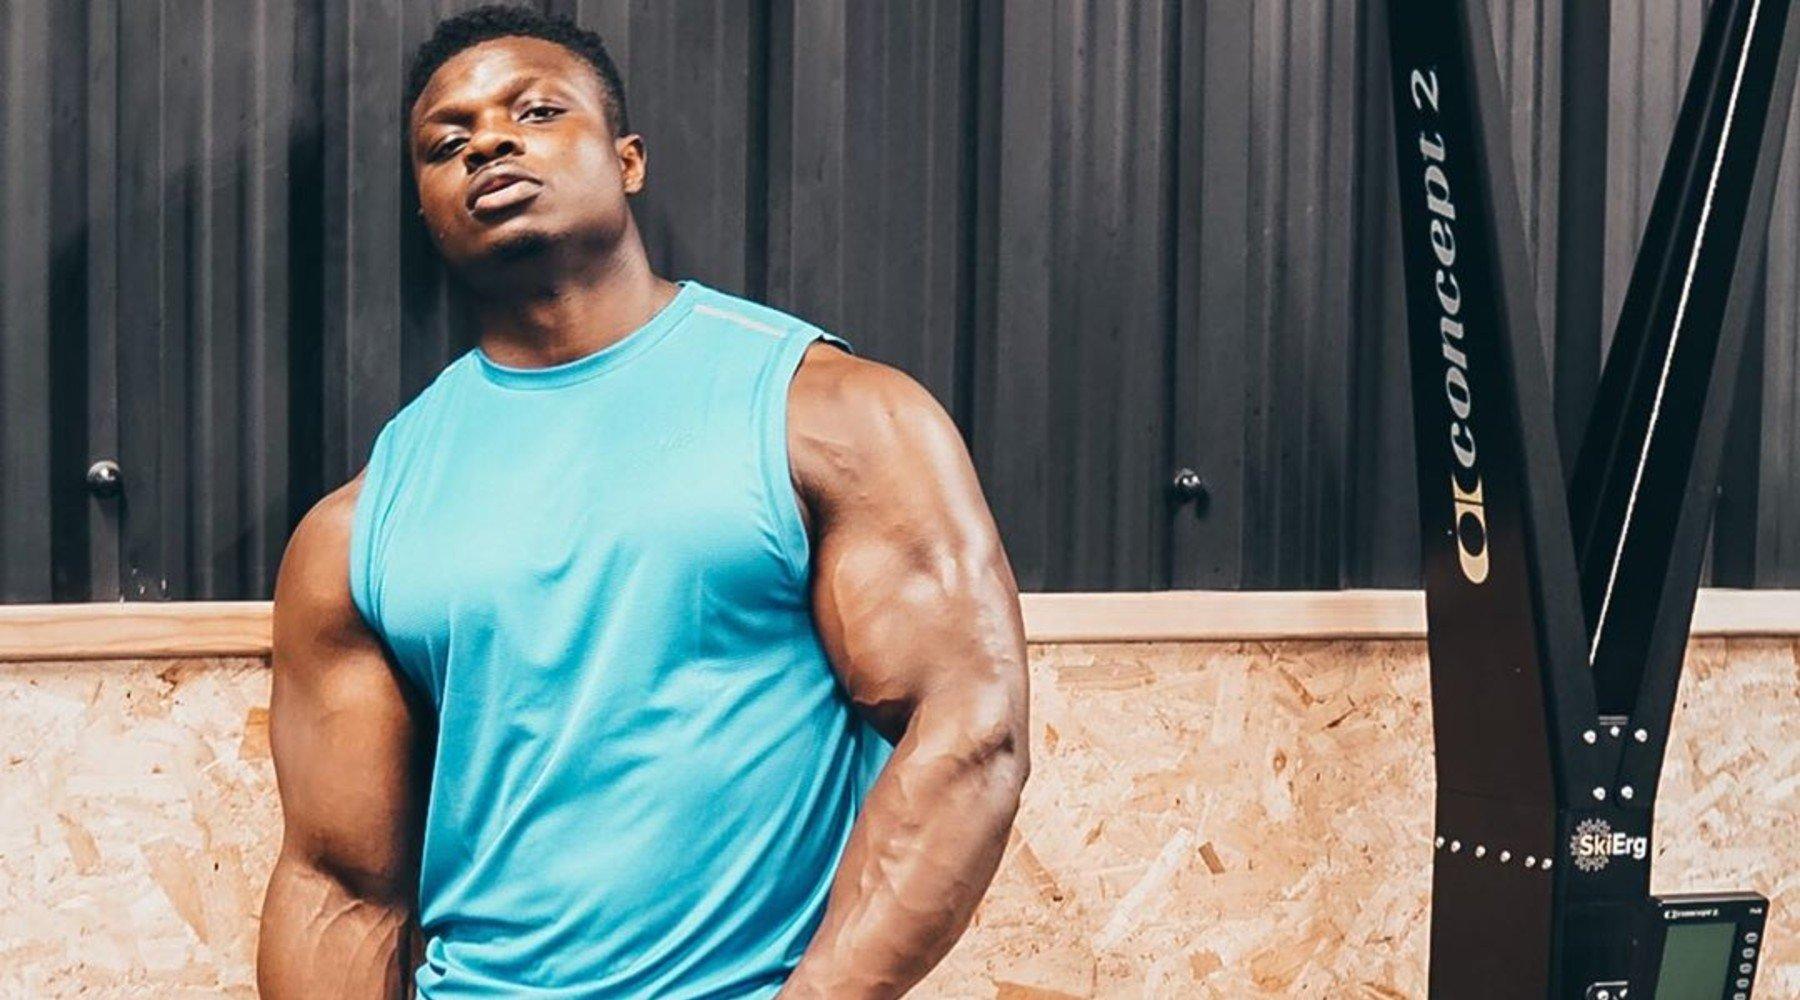 Probiere dieses Bodybuilder Arm-Workout für deine erste Trainingseinheit im Gym